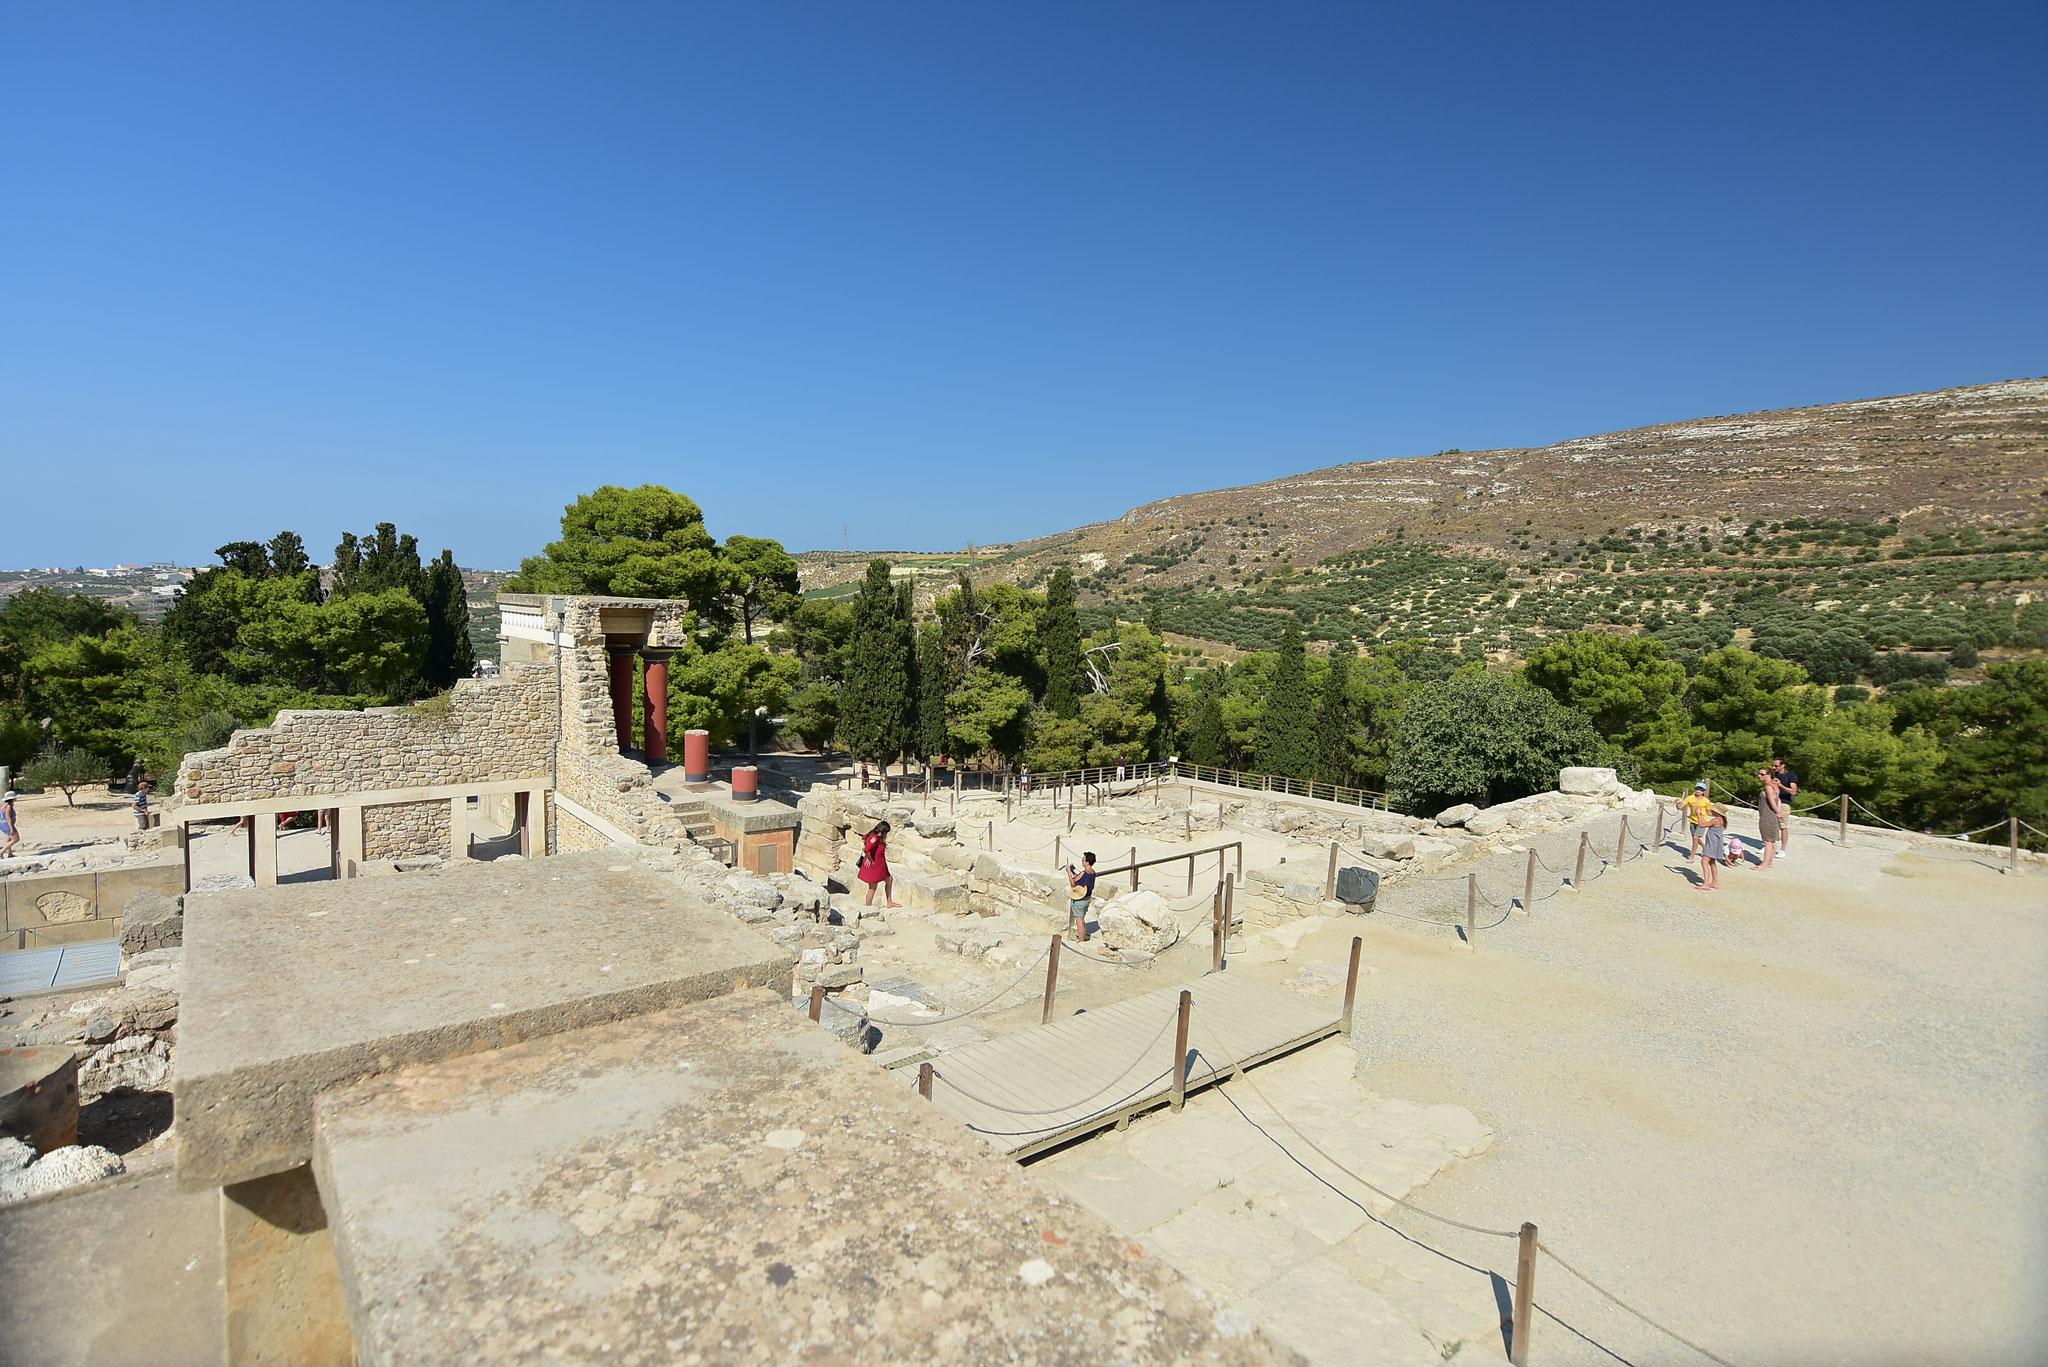 70000人も住人がいたとされる広大な宮殿敷地内は町のような構造